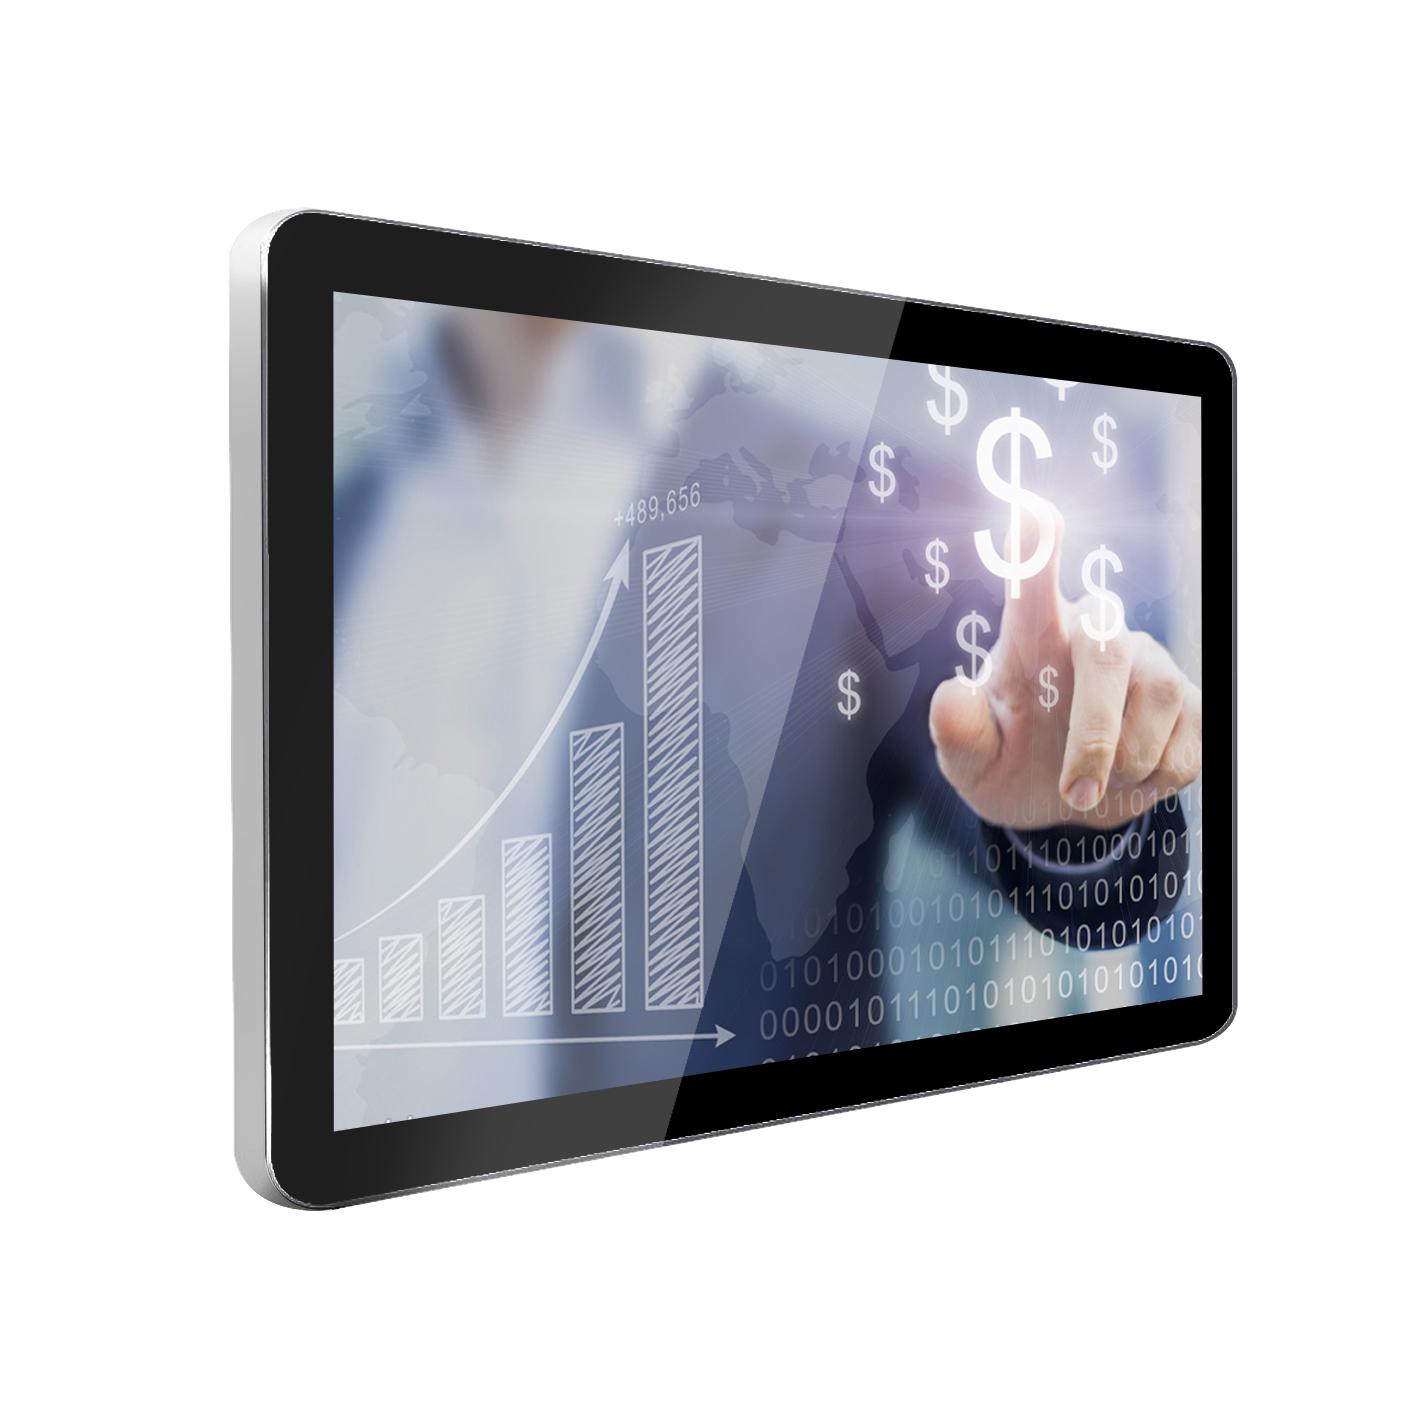 厂家直销液晶广告机安卓版品质保证